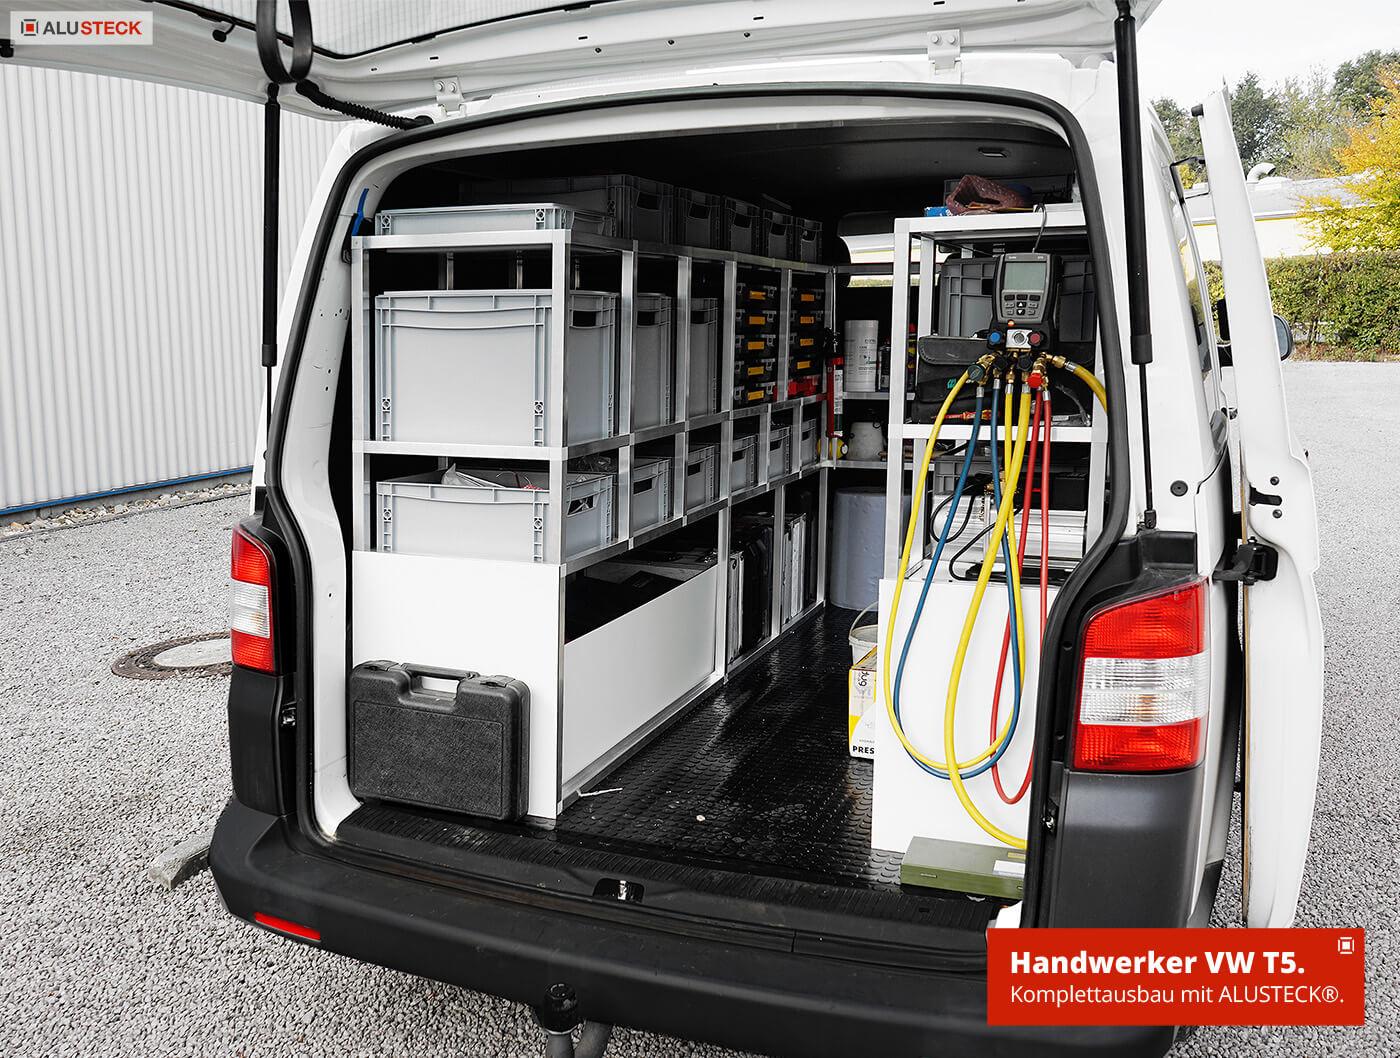 Werkstattwagen Ordnungssystem Handwerker VW T5 Ausbau Fahrzeugeinrichtung